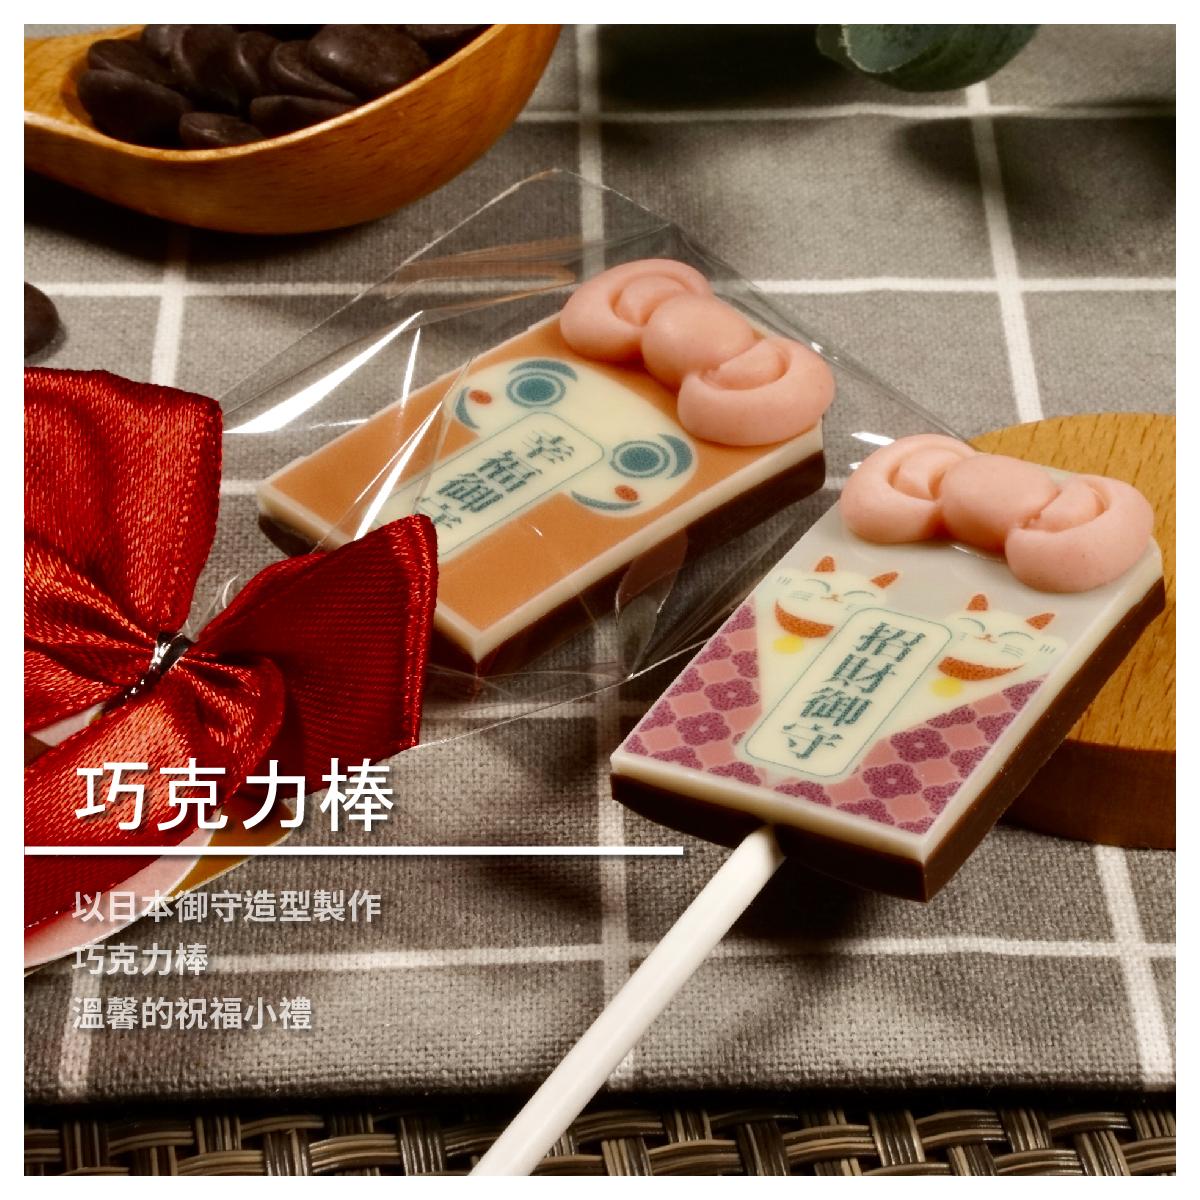 【糖加一烘焙坊】日本御守。巧克力棒/幸福/考試/厄除/開運/學業/祝福/招財/愛情/小禮物/創意/二進/婚禮/糖+1